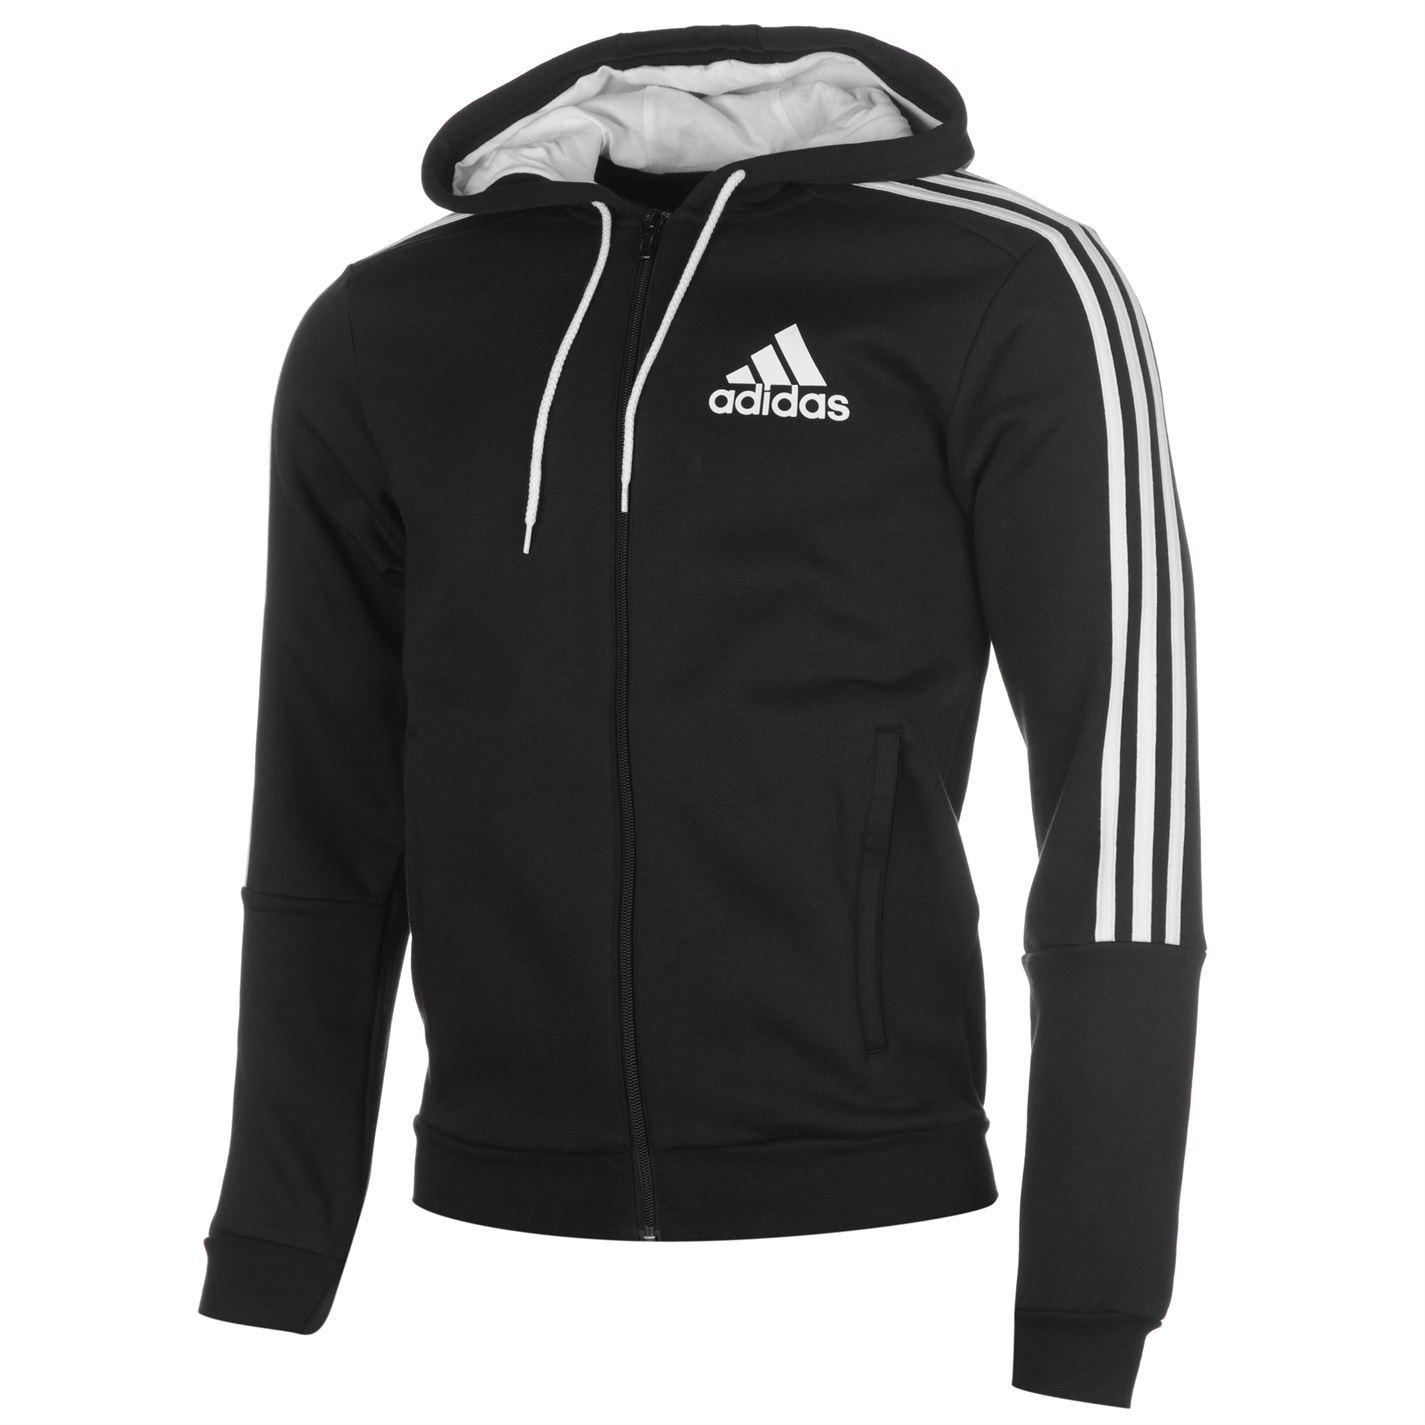 Adidas 3 Stripes Full Zip Hoody Jacket Mens Hoodie Sweatshirt